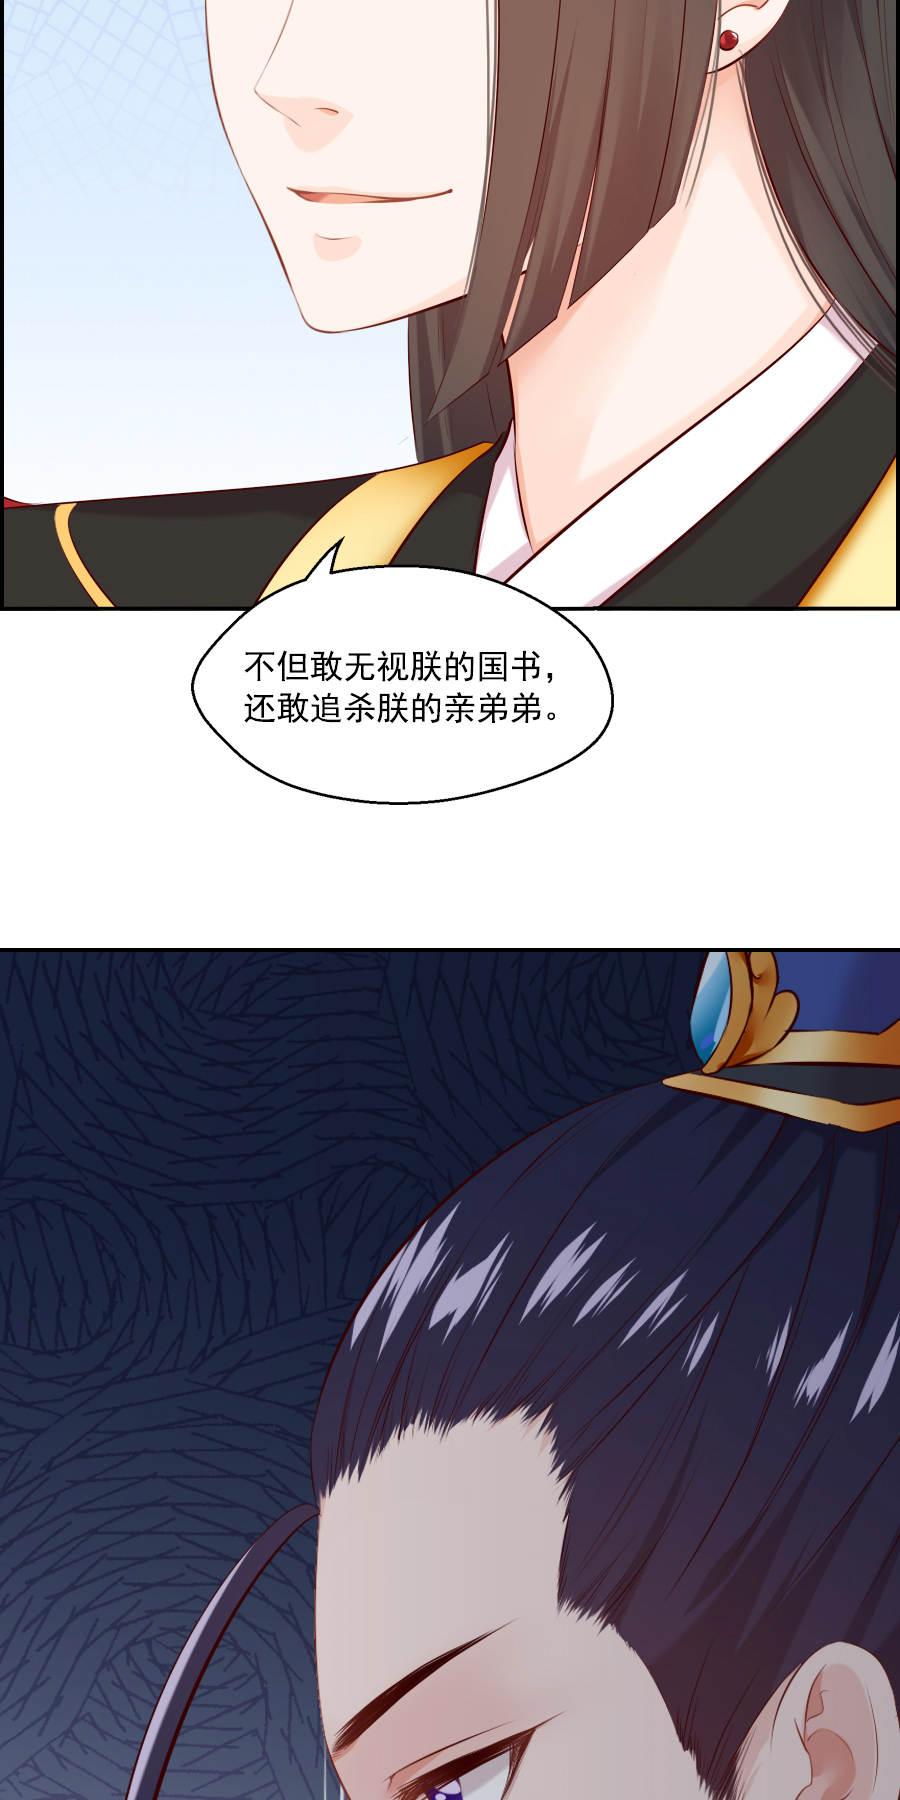 盛世帝王妃第52话  疑心暗生 第 12